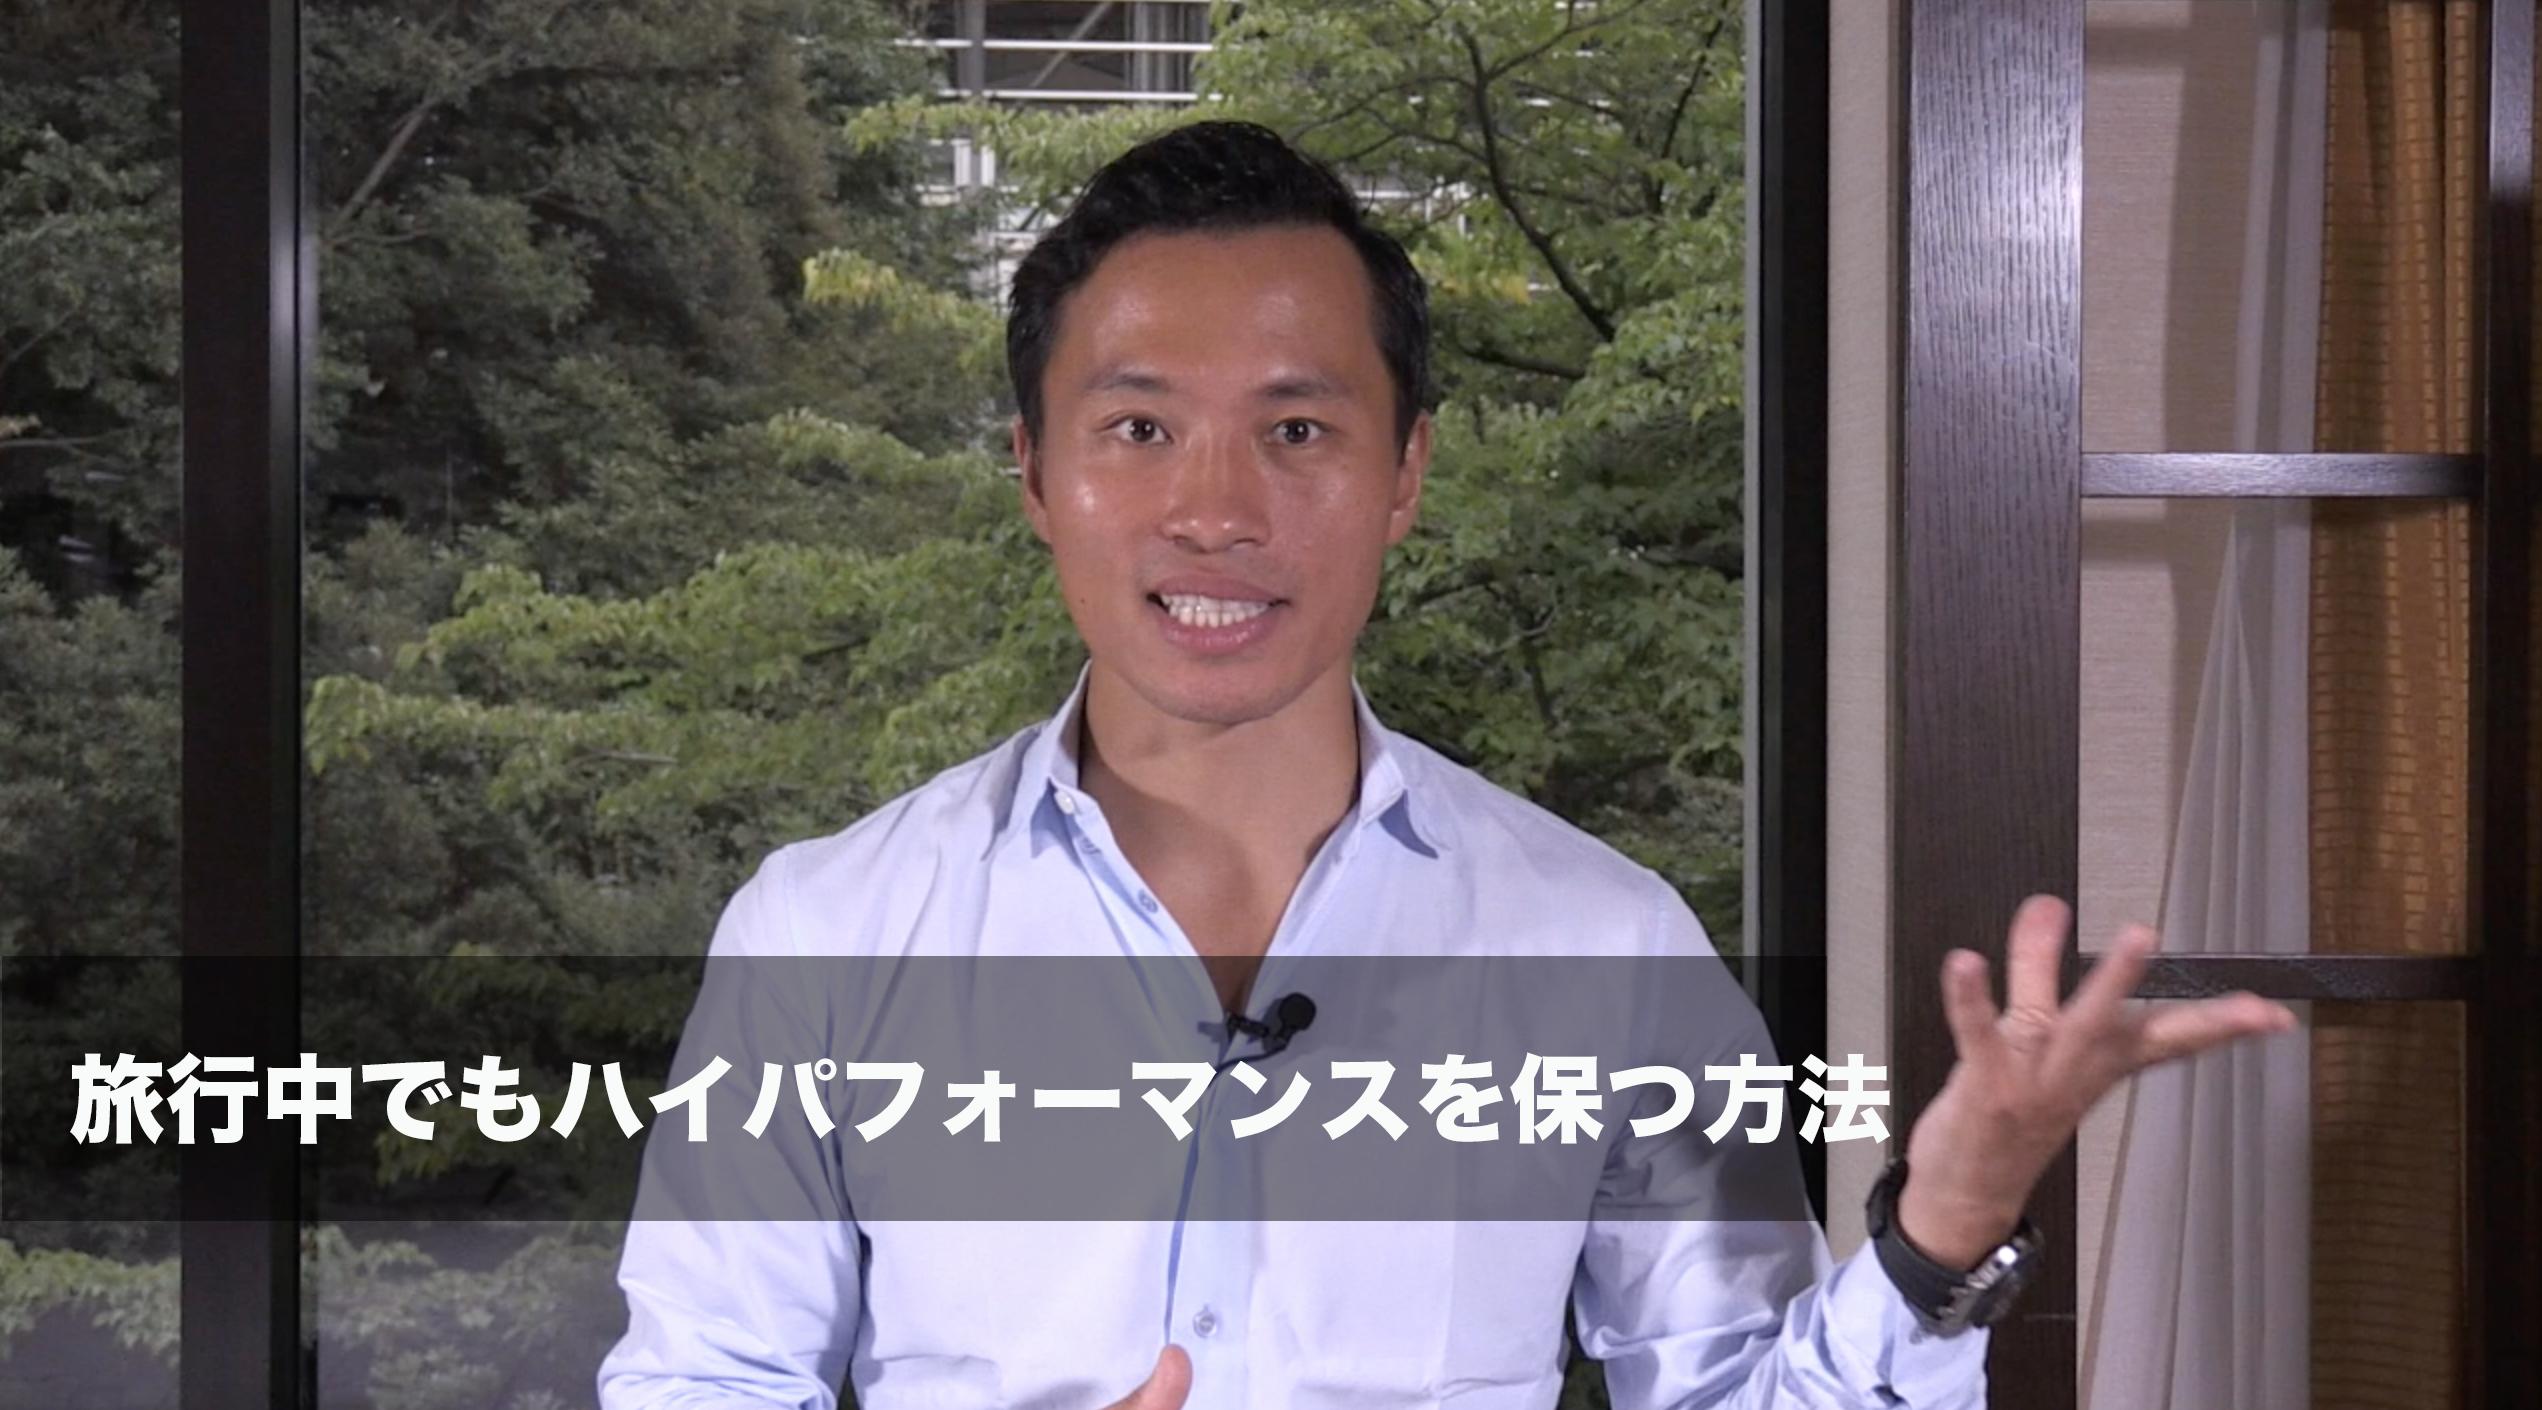 【井口晃が伝授!旅や出張の中でも疲れを感じない秘訣!!】:井口晃